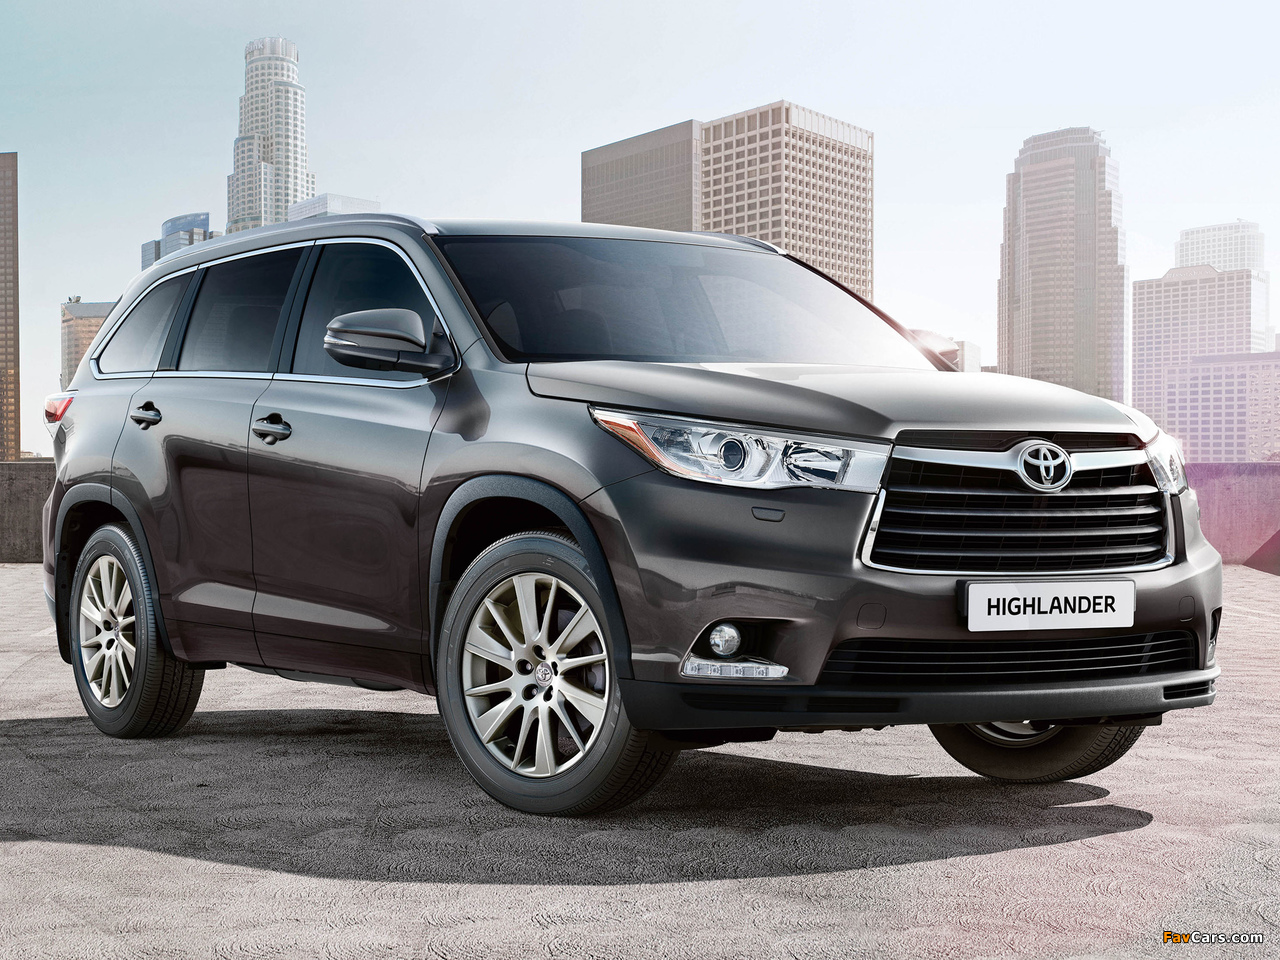 Новый Toyota Highlander 3 2016-2017 цена, фото видео ...